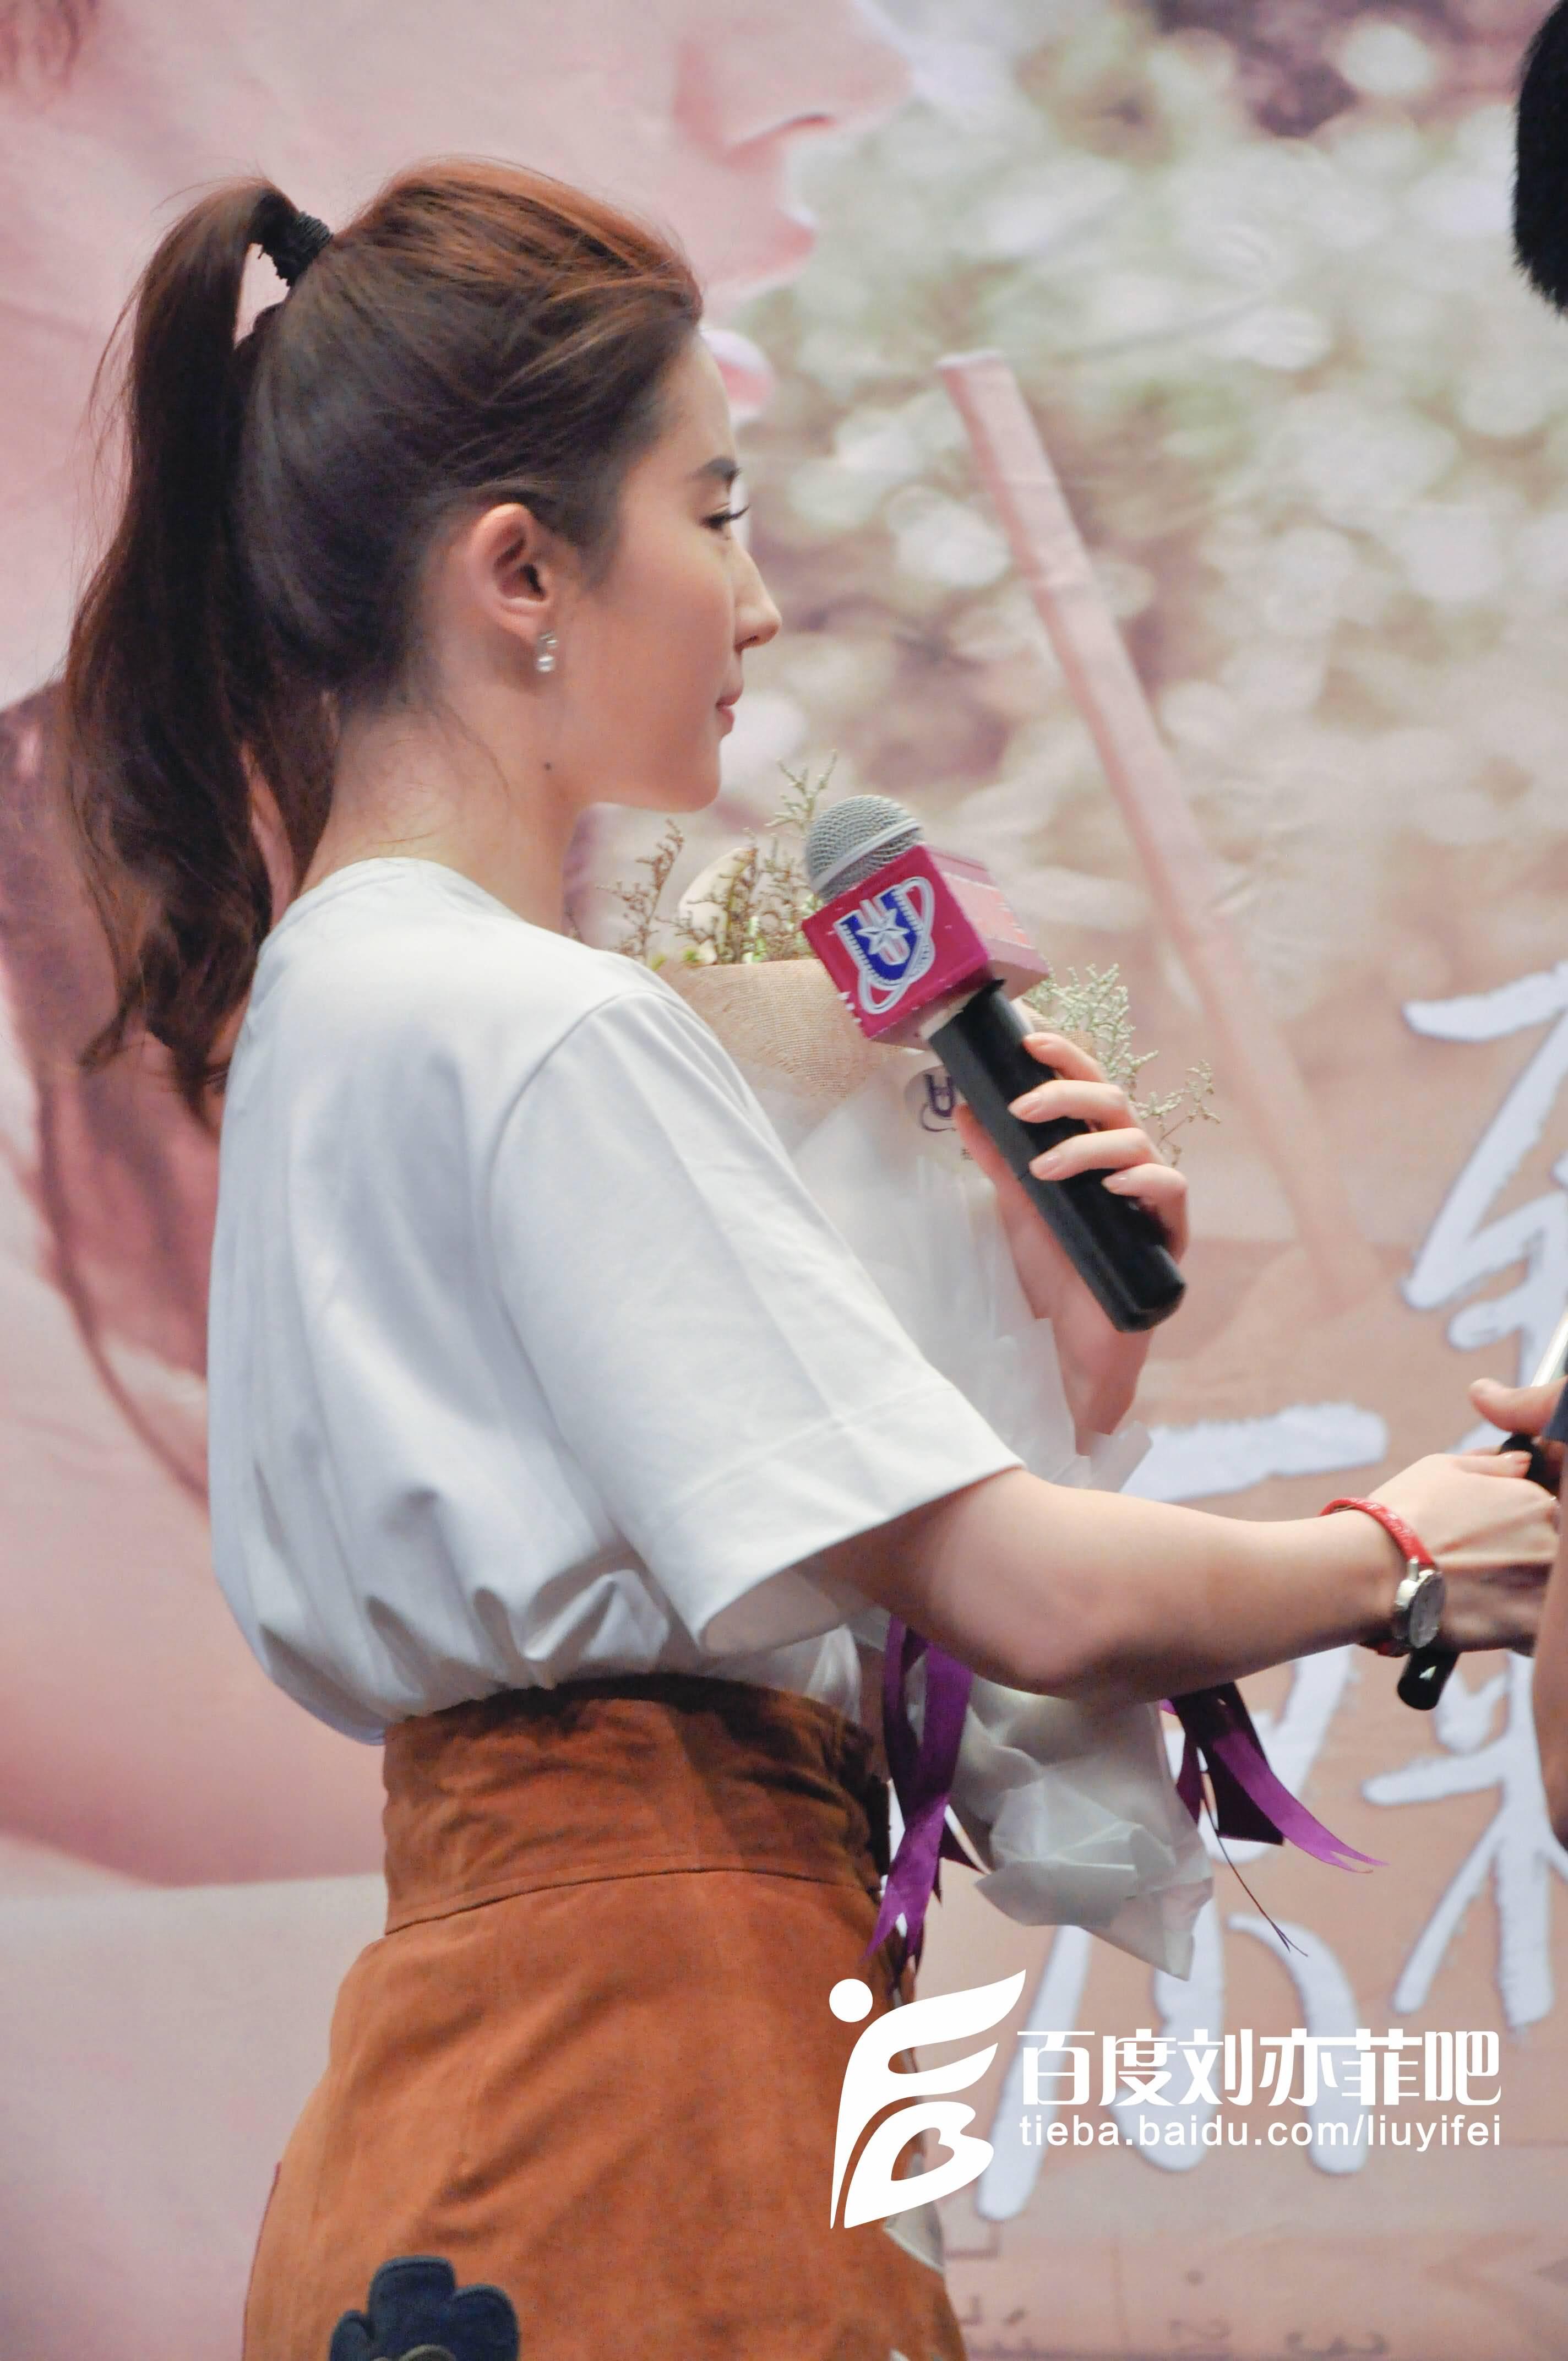 《致青春》杭州UME青春 《刘亦菲》[2016.7.4]